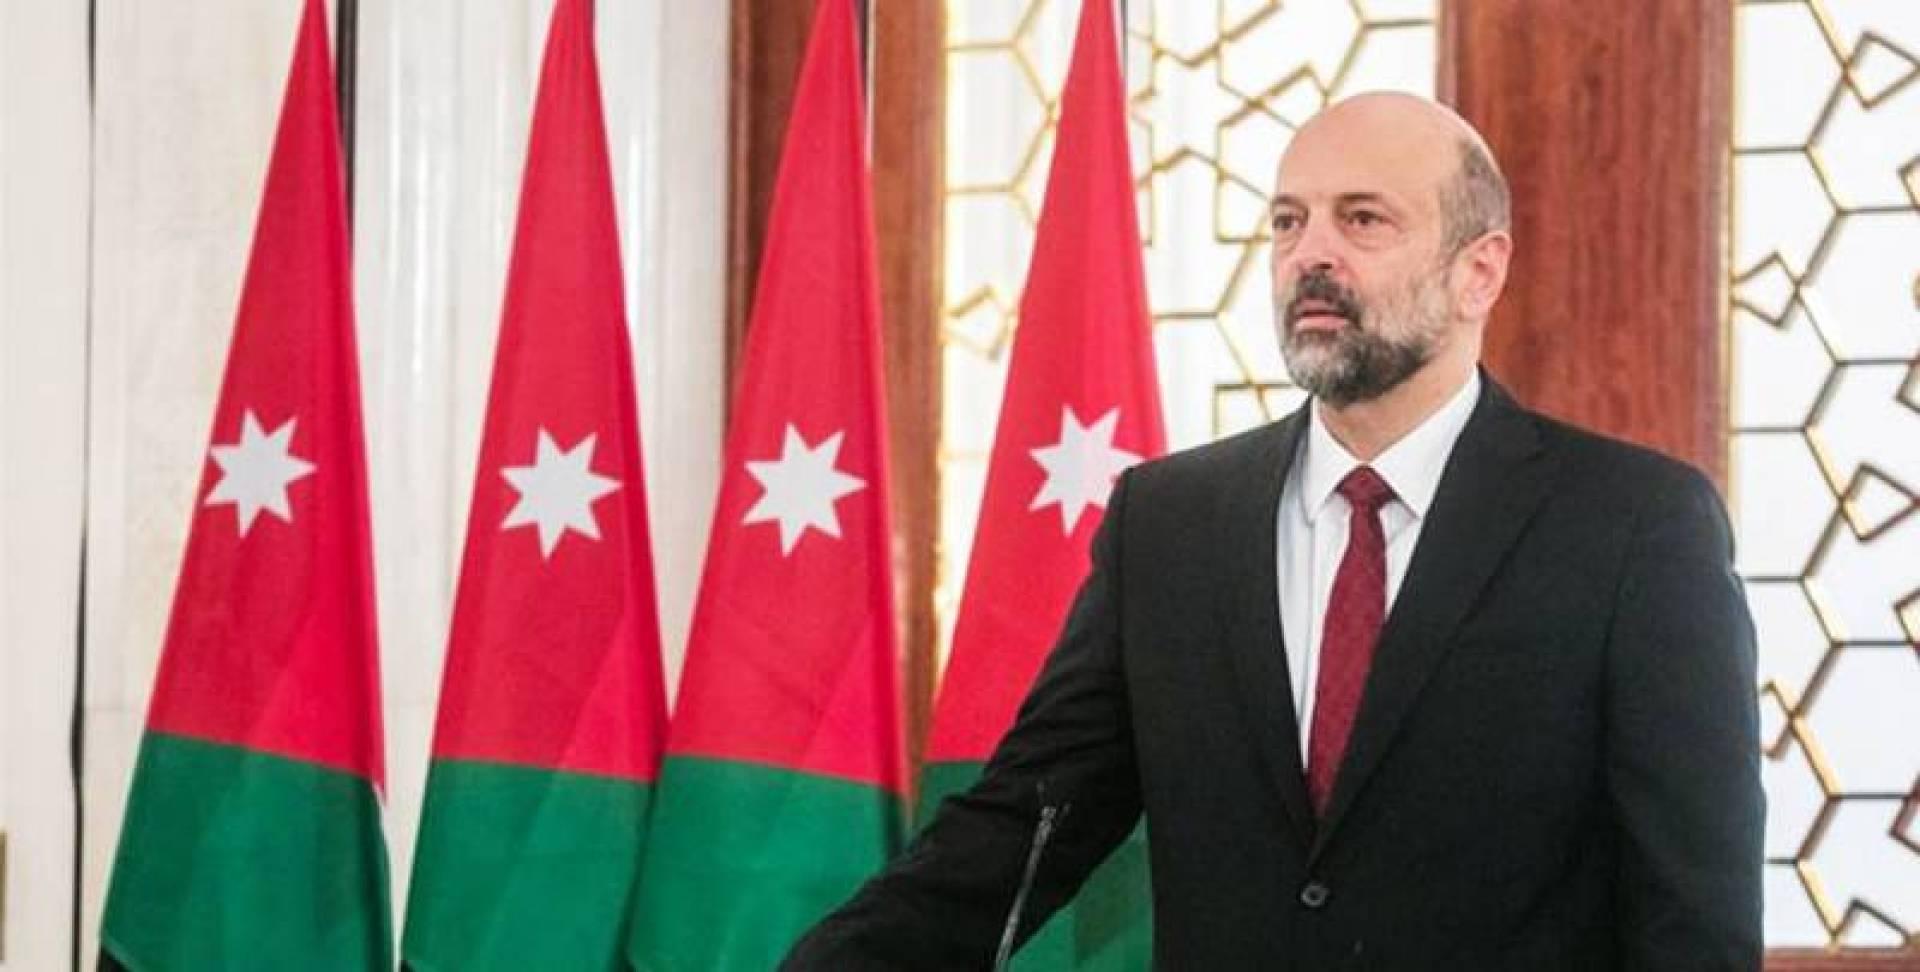 الأردن: تعديل وزاري مرتقب.. وعامٌ دراسي مرشَّح للسقوط